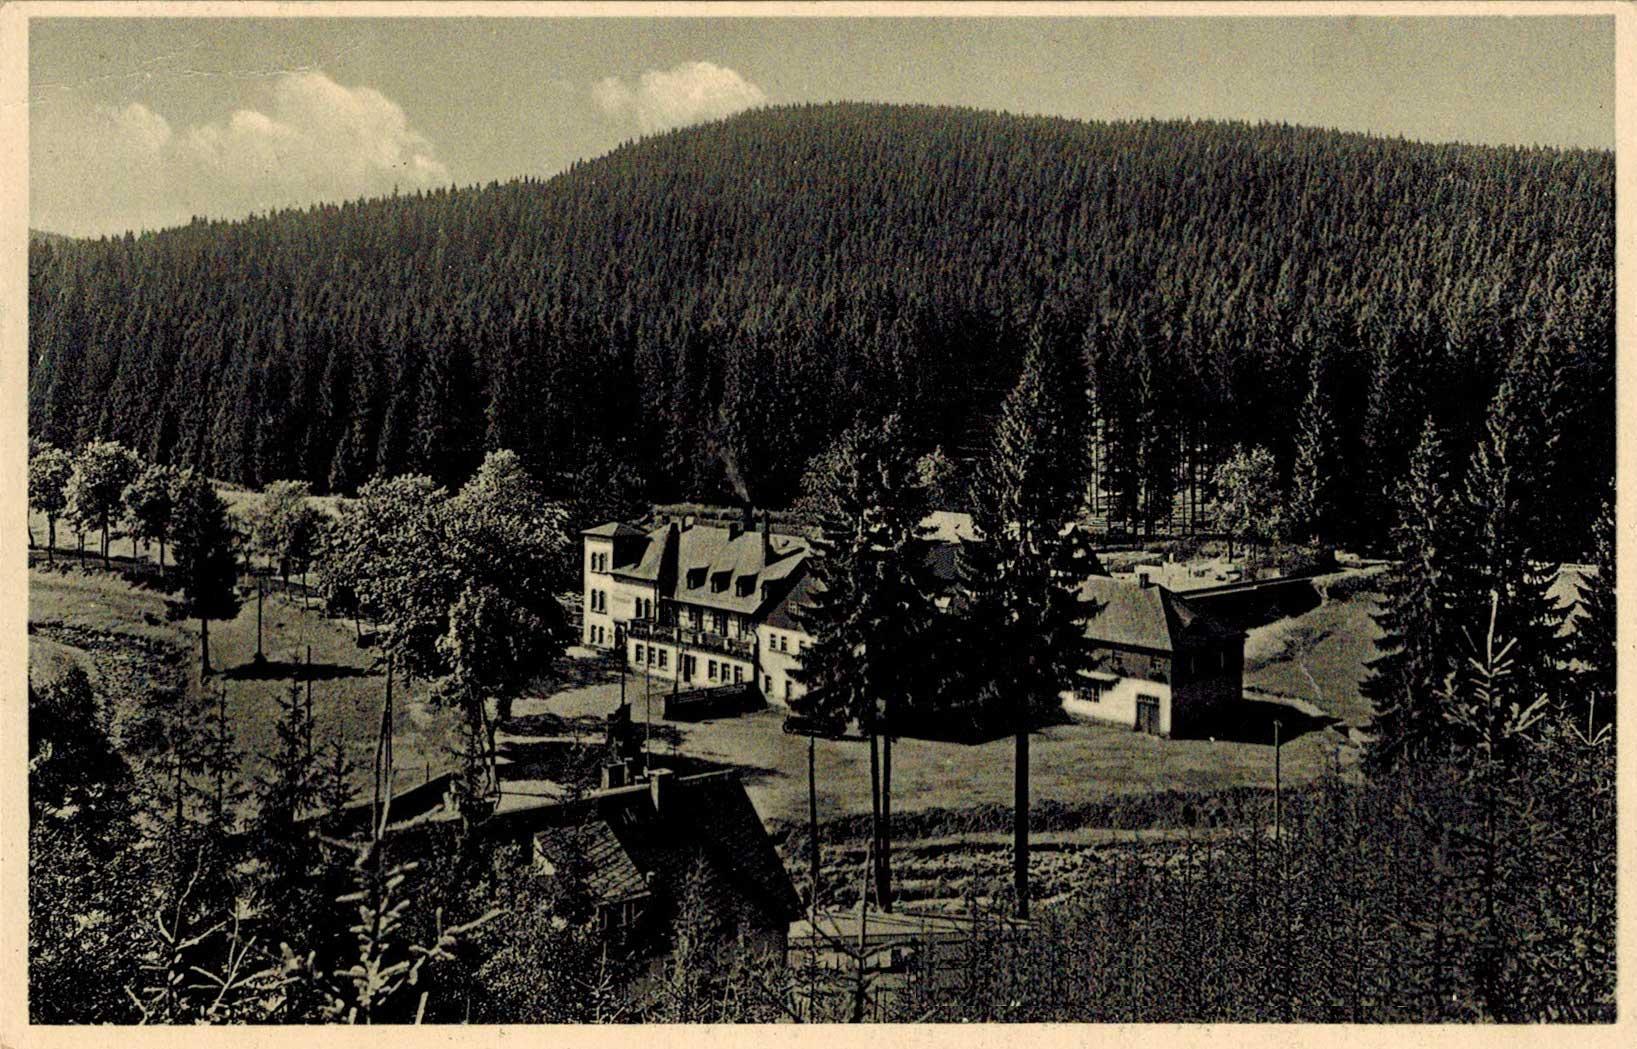 1934, a bal alsó sarok fenyői mögül kandikál ki a Ház teteje